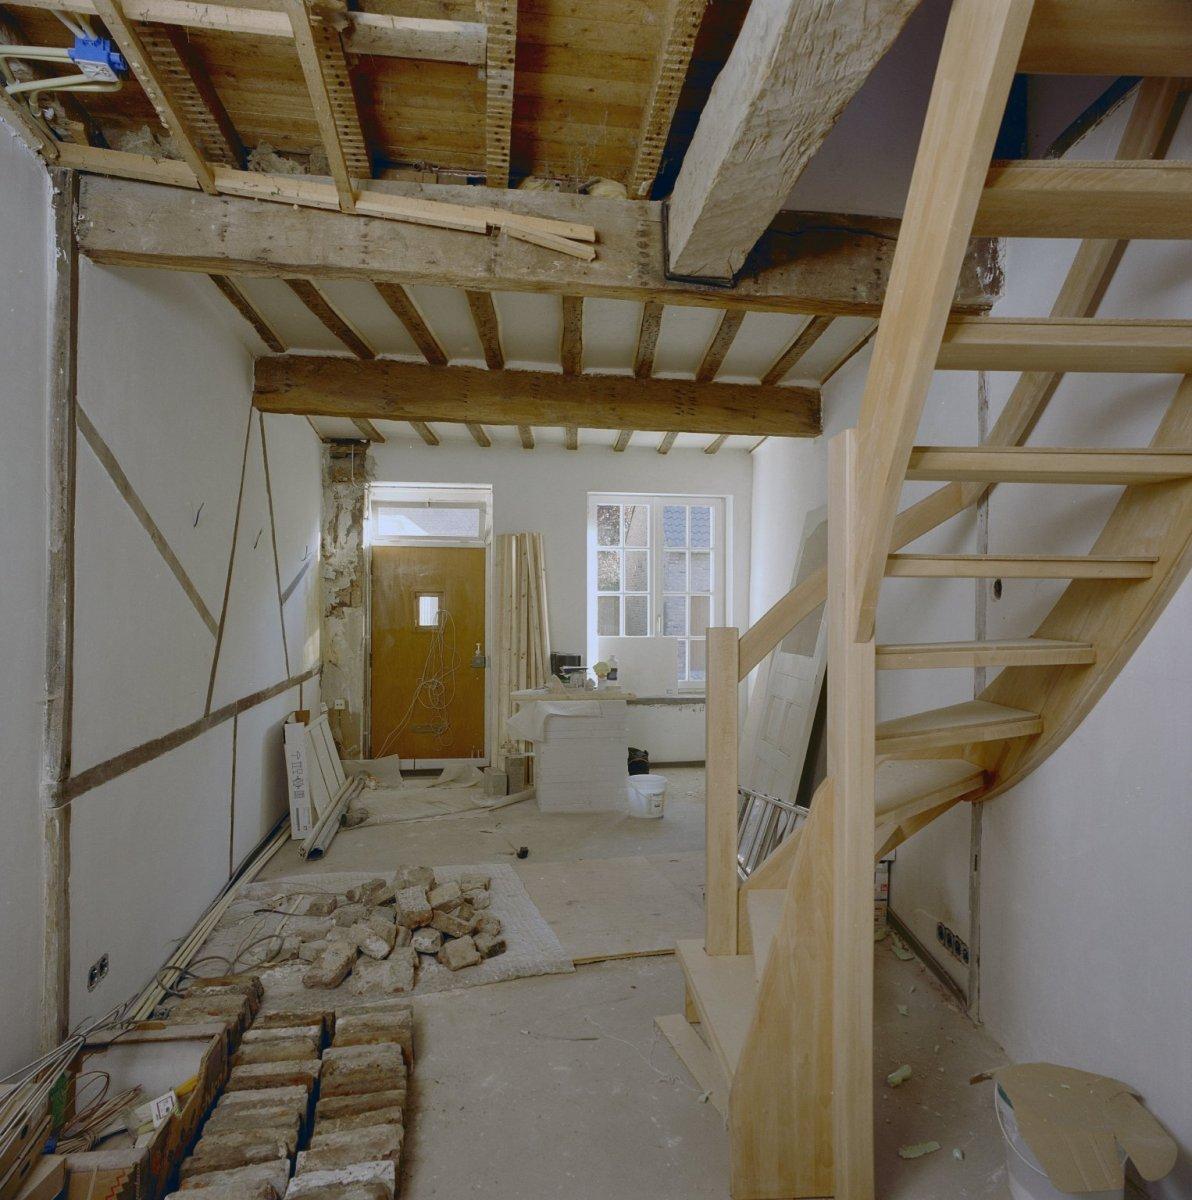 File:Interieur, woonkamer met vakwerkwand, voordeur en open houten ...